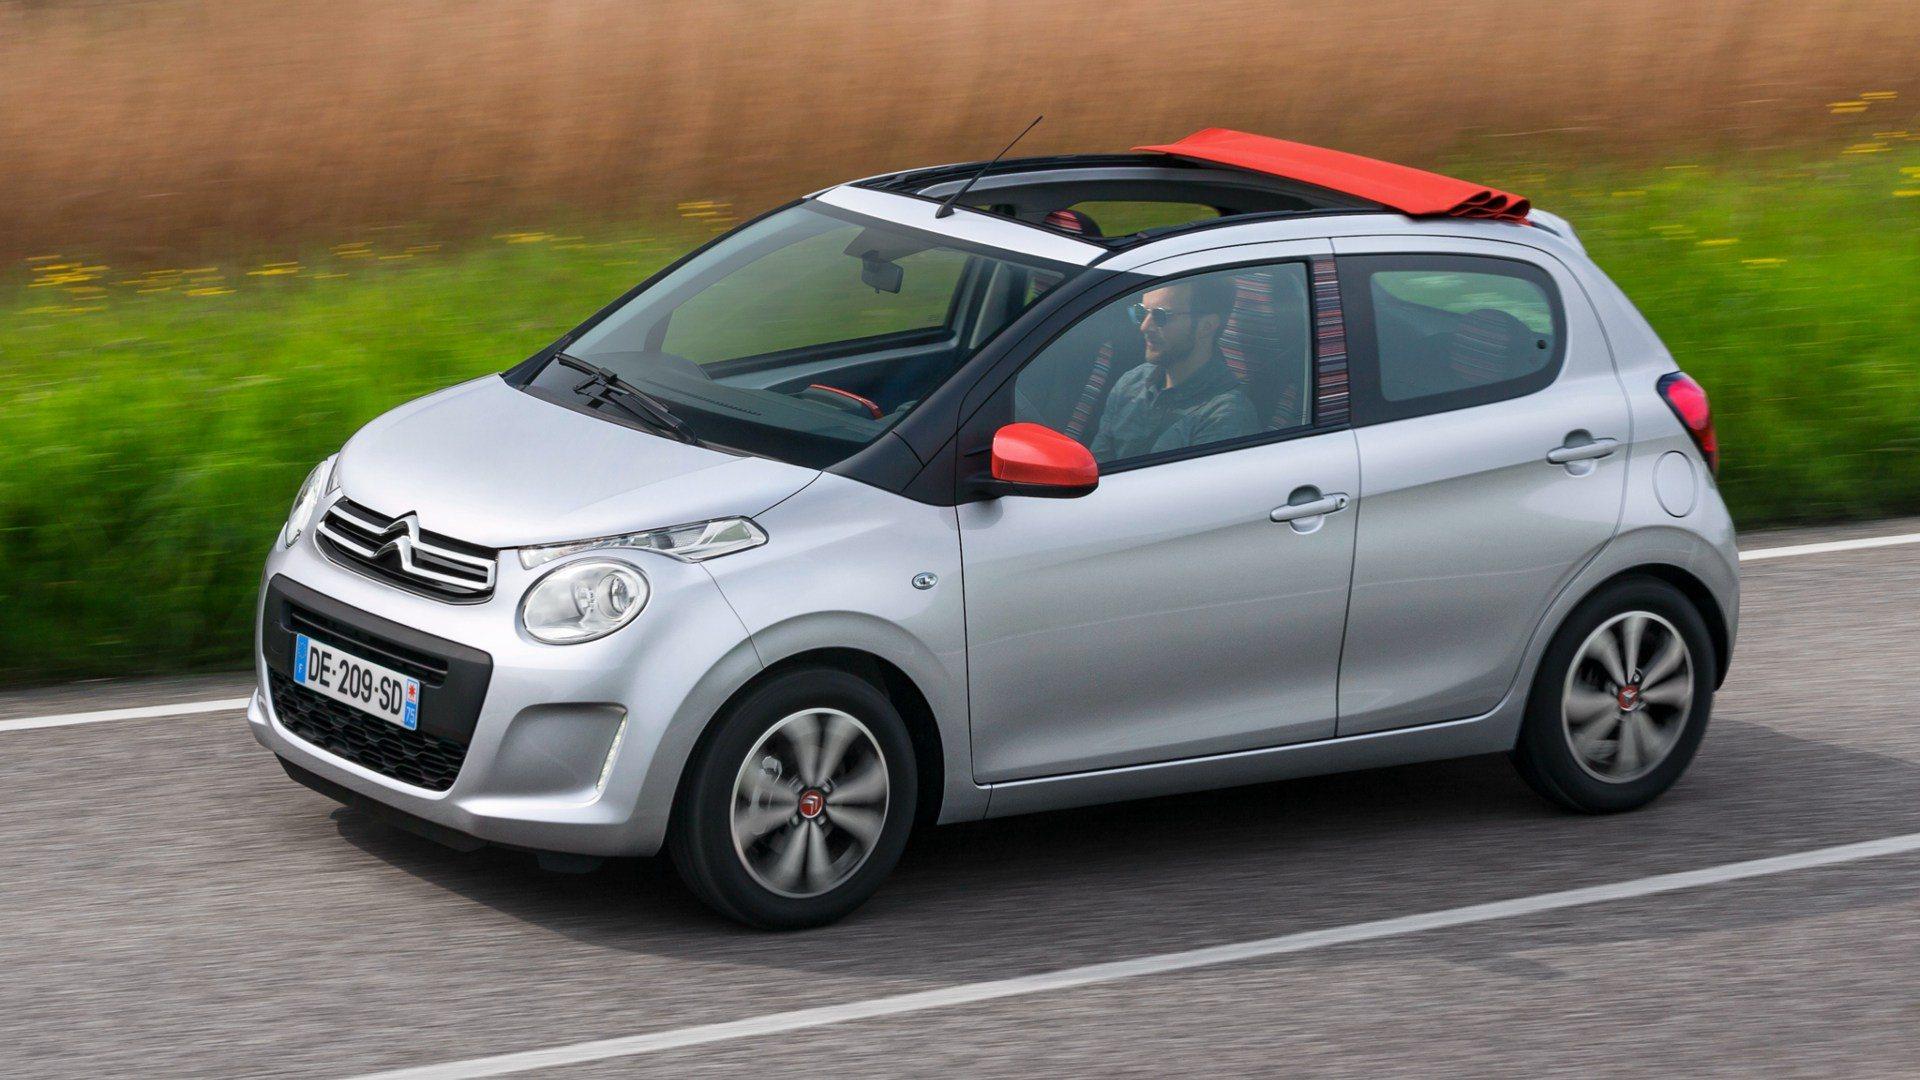 El Citroën C1 y el Peugeot 108 están en la cuerda floja